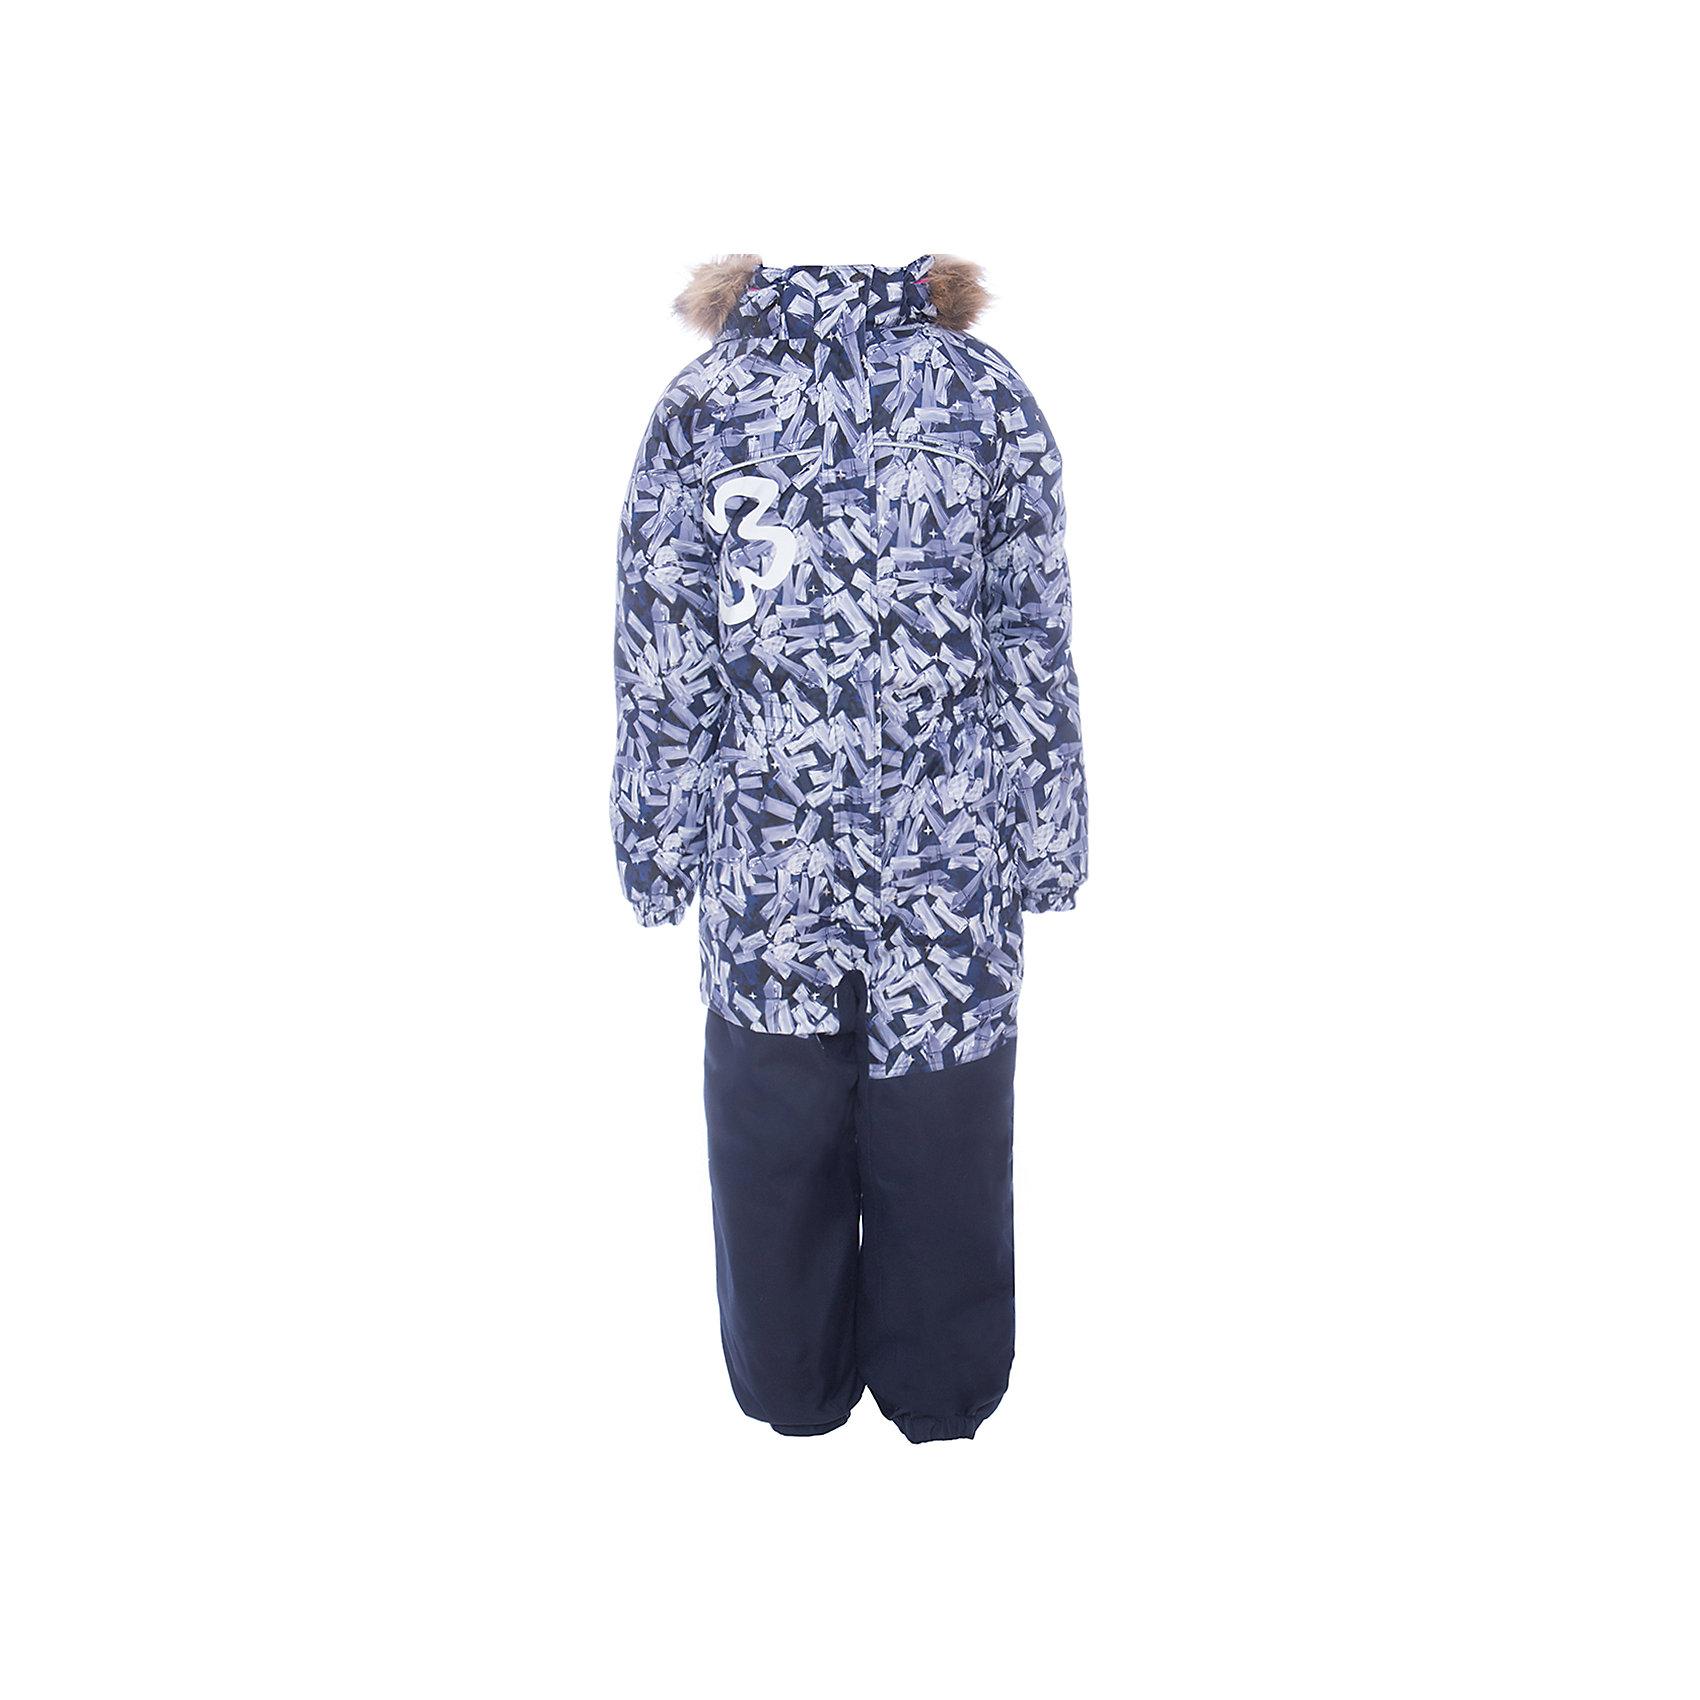 Комбинезон CHLOE 1 Huppa для девочкиВерхняя одежда<br>Характеристики товара:<br><br>• модель: Chloe 1;<br>• цвет: черный,принт ;<br>• пол: девочка ;<br>• состав: 100% полиэстер;<br>• утеплитель: полиэстер, 300 гр.;<br>• подкладка: тафта/флис;<br>• сезон: зима;<br>• температурный режим: от -5 до - 30С;<br>• водонепроницаемость: 5000 вверх/10000 низ мм;<br>• воздухопроницаемость: 5000 вверх/ 10000 низ г/м2/24ч;<br>• водо- и ветронепроницаемый, дышащий и грязеотталкивающий материал;<br>• особенности модели: c рисунком, с мехом;<br>• капюшон для большего удобства крепится на кнопки и, при необходимости, отстегивается;<br>• искусственный мех на капюшоне съемный ;<br>• сиденье и нижний край брючины выполнены из очень прочной ткани Cordura;<br>• cидельный шов, внутренние и боковые швы проклеены и не пропускают влагу;<br>• светоотражающих элементов для безопасности ребенка;<br>• внутренний и боковые карманы застегиваются на молнию;<br>• манжеты брюк и рукавов эластичные, на резинках;<br>• съемные силиконовые штрипки;<br>• страна бренда: Финляндия;<br>• страна изготовитель: Эстония.<br><br>Комбинезон Chloe 1 для девочки водо и воздухонепроницаемый. Важный критерий при выборе комбинезона для девочки - это количество утеплителя, ведь малыши еще малоподвижны, поэтому комбинезон должен быть теплым. В модели Chloe 1 300 грамм утеплителя, которые обеспечат тепло и комфорт ребенку при температуре от -5 до -30 градусов. Подкладка — тафта/флис. <br><br>Функциональные элемент: капюшон отстегивается с помощью кнопок, мех отстегивается, все карманы на молнии, манжеты на резинке, съемные силиконовые штрипки, светоотражающие элементы.<br><br>Комбинезон  Chloe 1  для девочки Huppa (Хуппа) можно купить в нашем интернет-магазине.<br><br>Ширина мм: 356<br>Глубина мм: 10<br>Высота мм: 245<br>Вес г: 519<br>Цвет: черный<br>Возраст от месяцев: 96<br>Возраст до месяцев: 108<br>Пол: Женский<br>Возраст: Детский<br>Размер: 134,92,98,104,110,116,122,128<br>SKU: 7024517